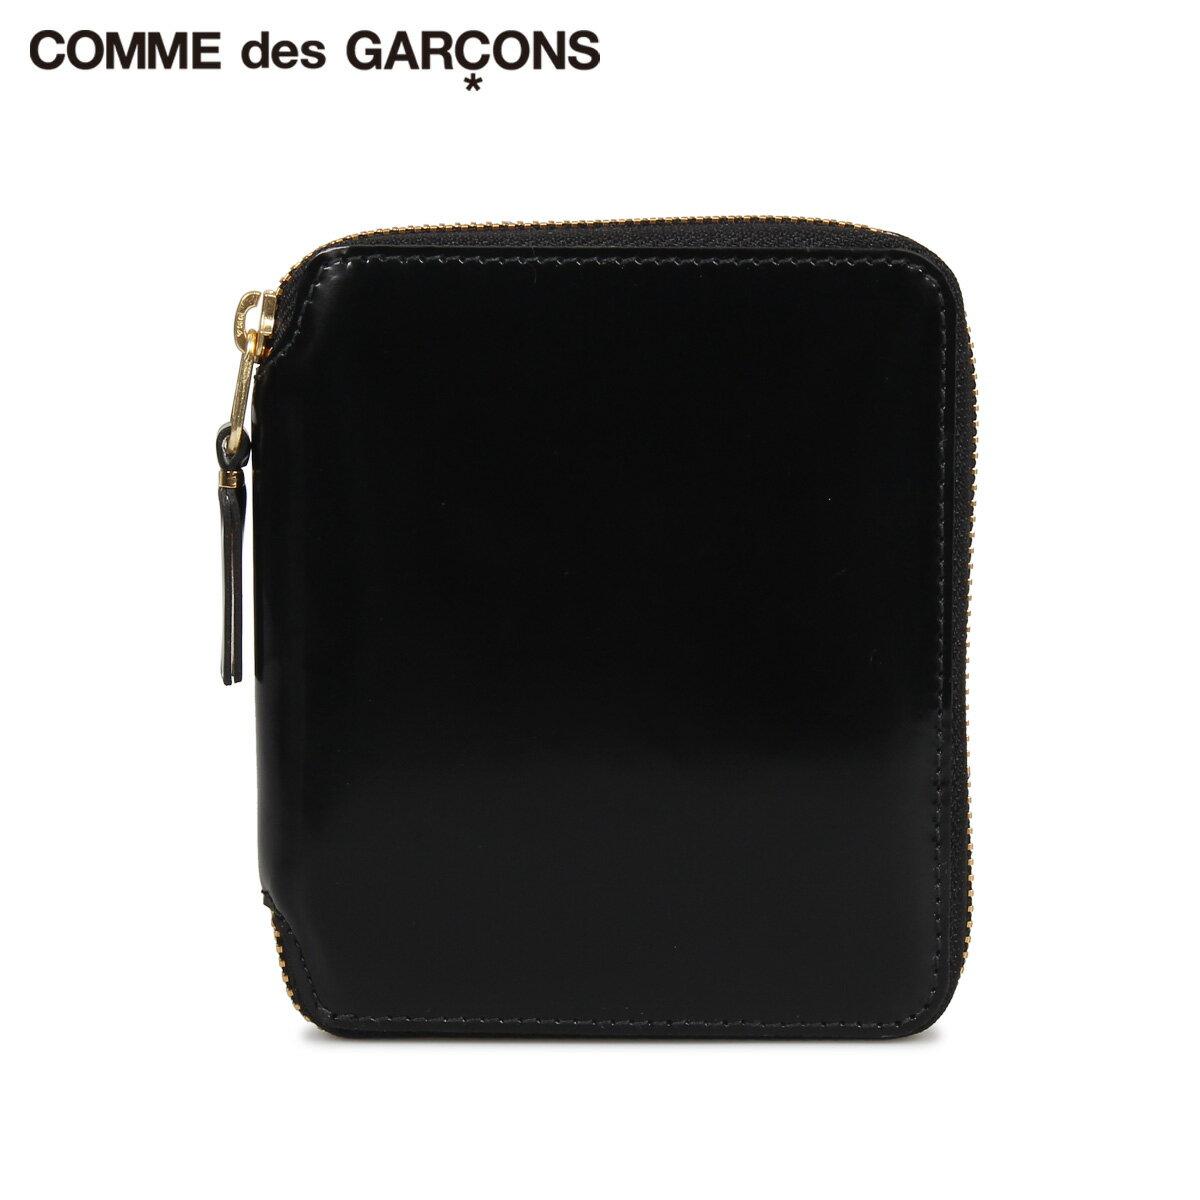 財布・ケース, メンズ財布 600OFF COMME des GARCONS MILLOR INSIDE WALLET SA2100MI